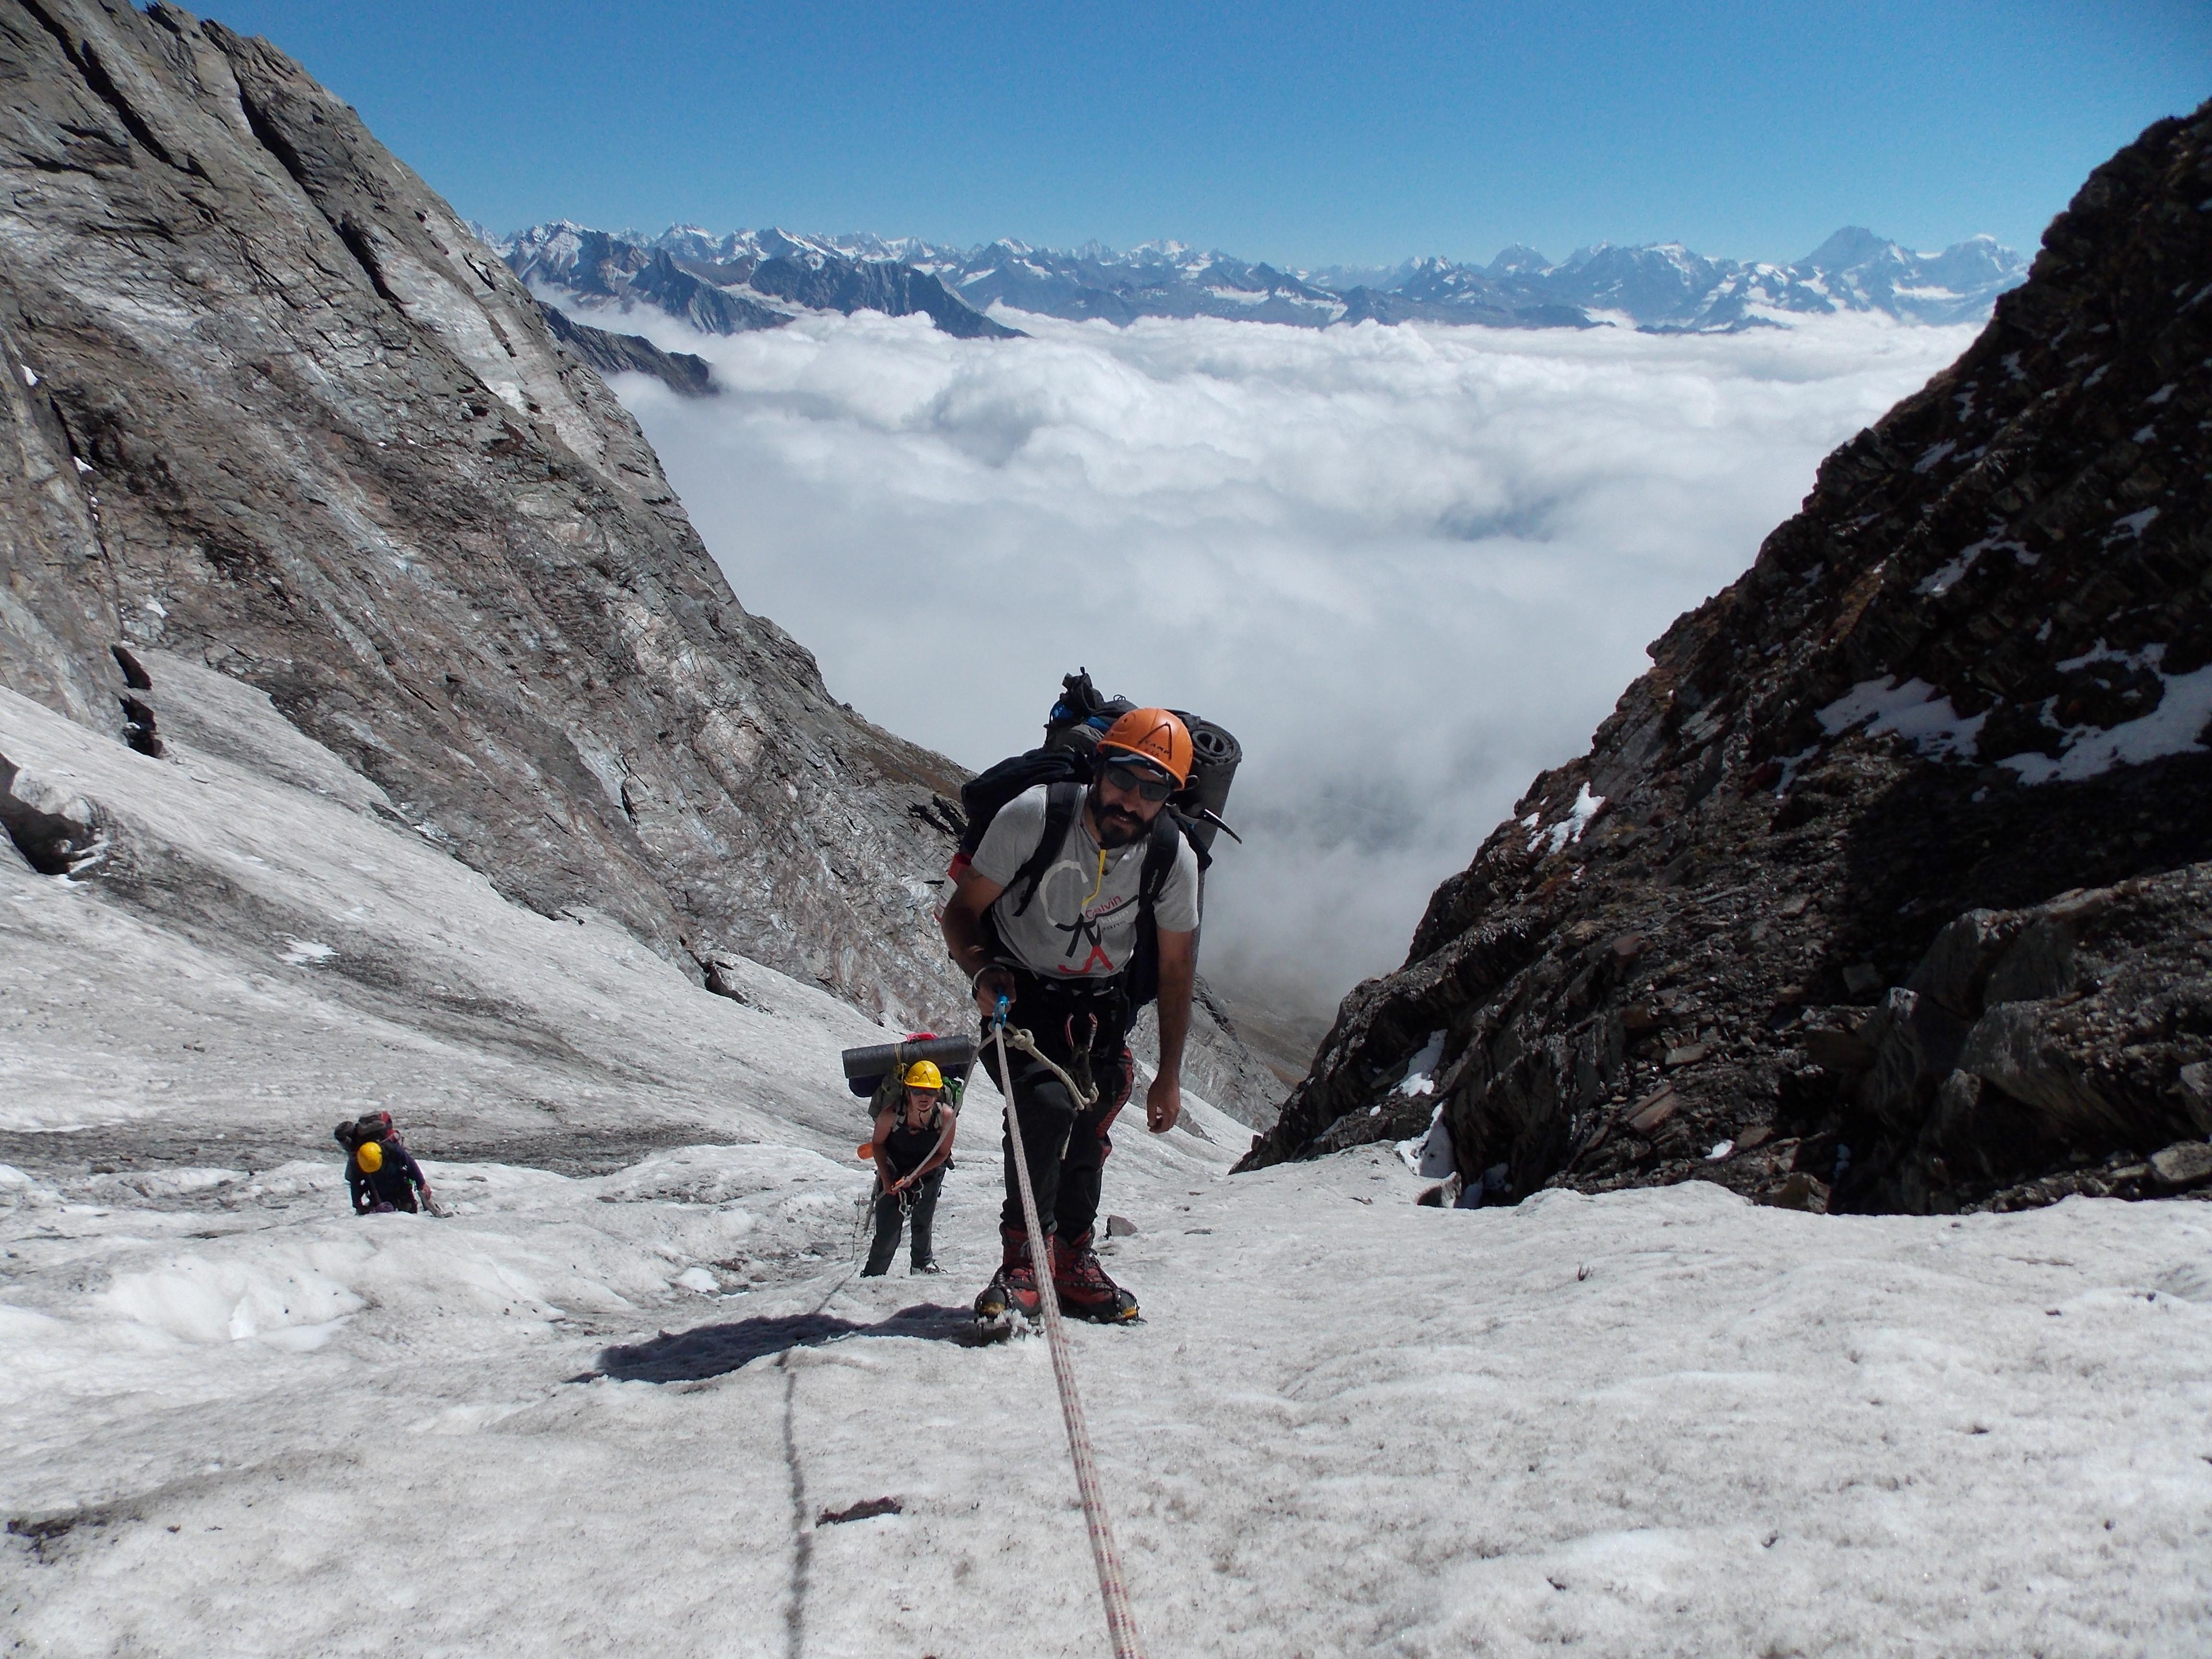 Kletterausrüstung Globetrotter : Klettern eisklettern berge bergsteigen hochtouren und mehr